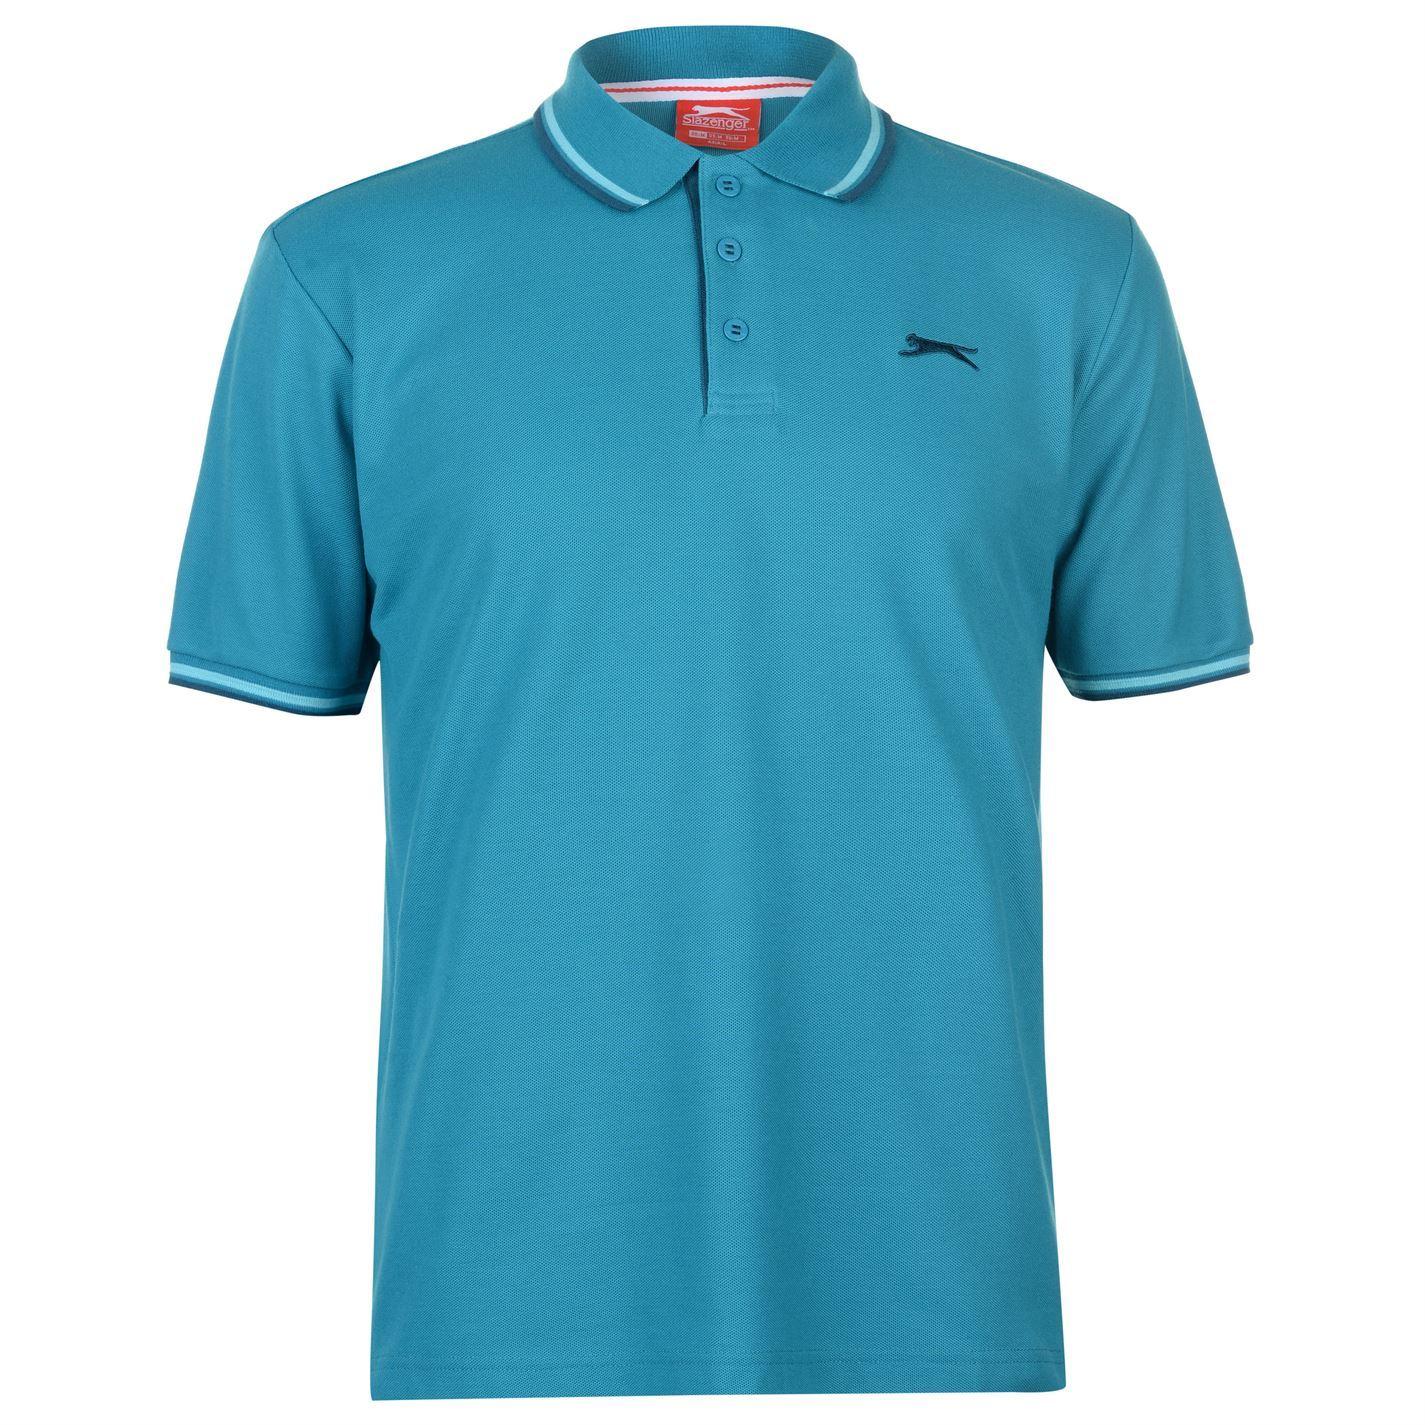 Slazenger-Polo-Camisa-de-hombre-con-cuello-con-Punta-T-Shirt-Top-Camiseta-Tee miniatura 75